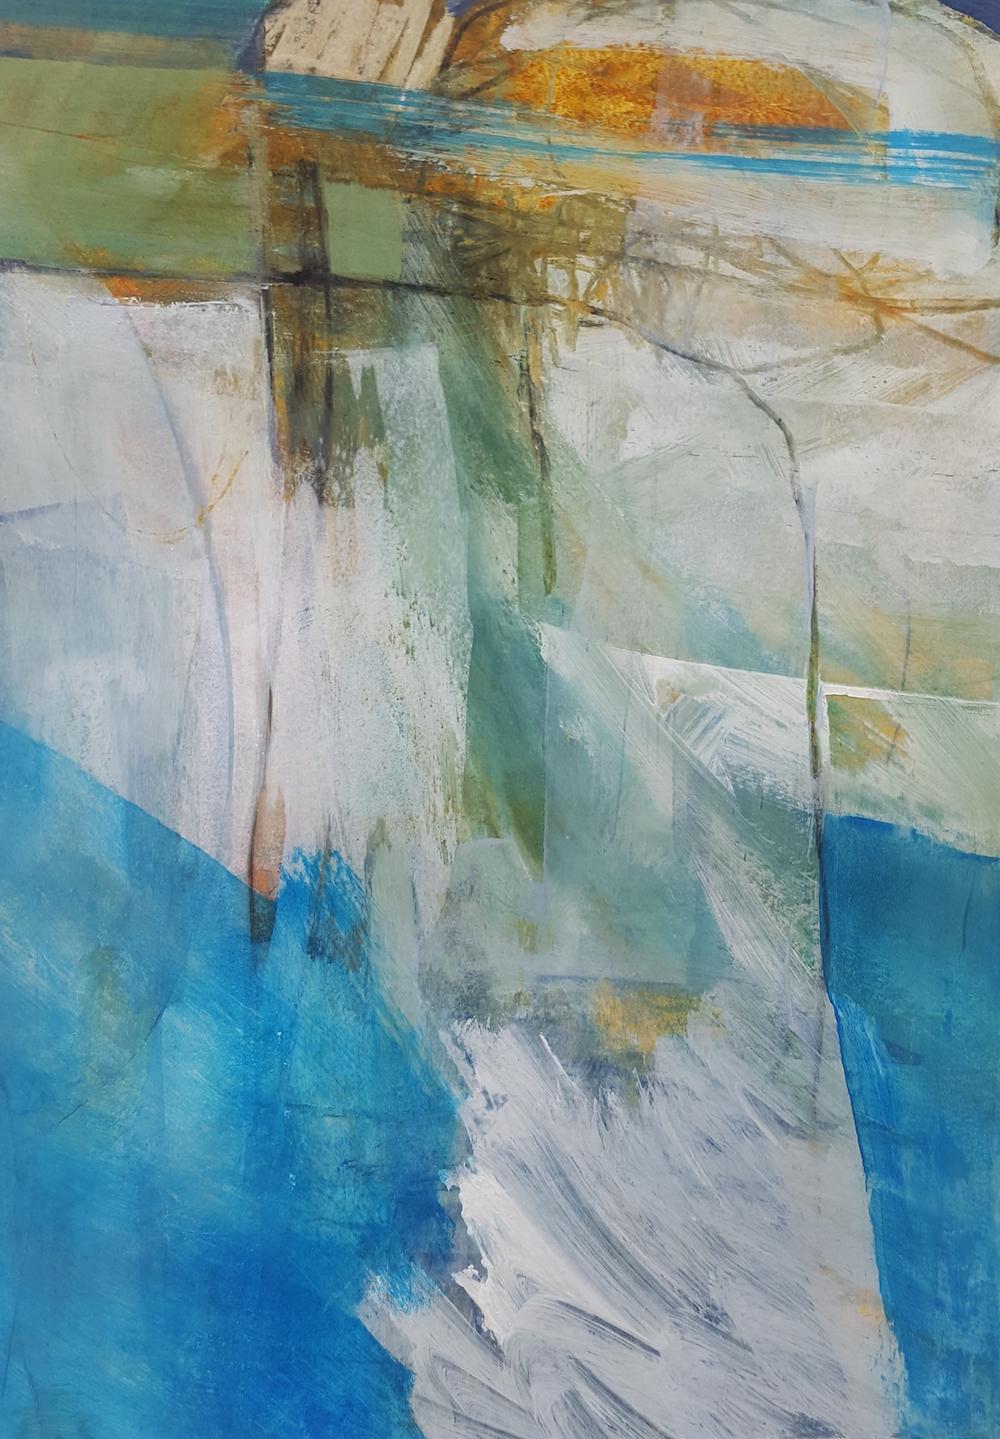 """""""A Sense of Space,"""" Original Artwork by Tara Leaver"""